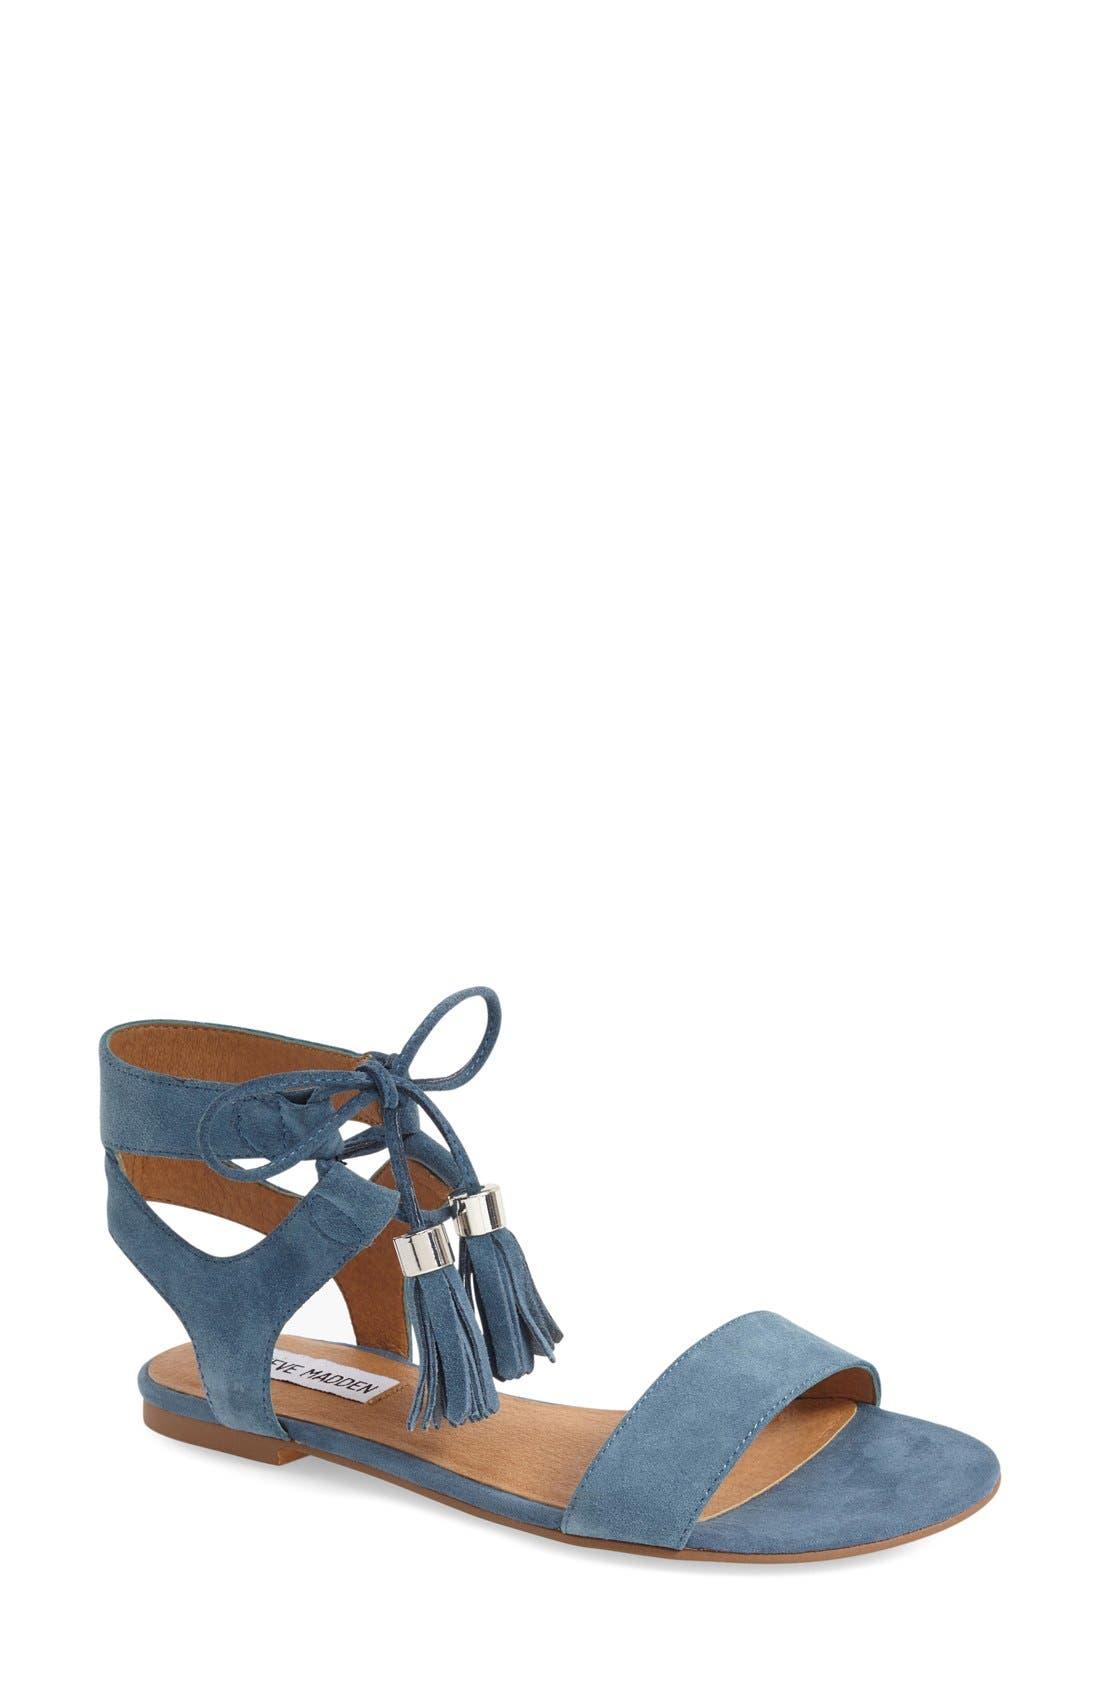 Main Image - Steve Madden 'Elivait' Sandal (Women)